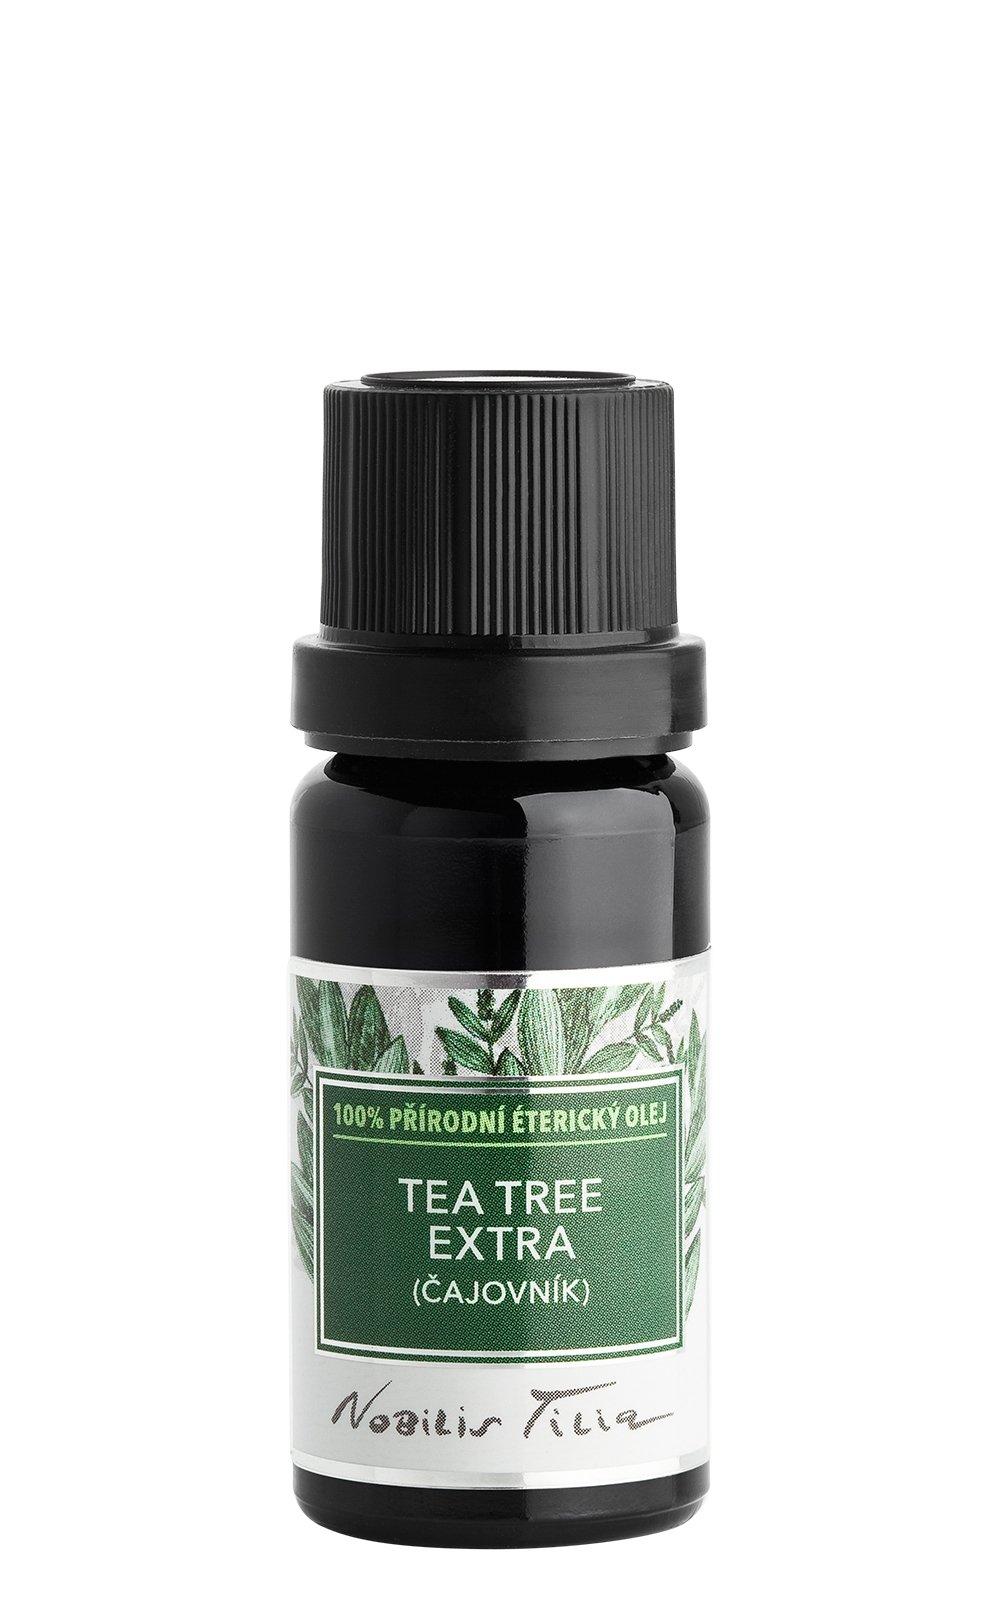 Éterický olej Tea tree extra (čajovník): 20 ml